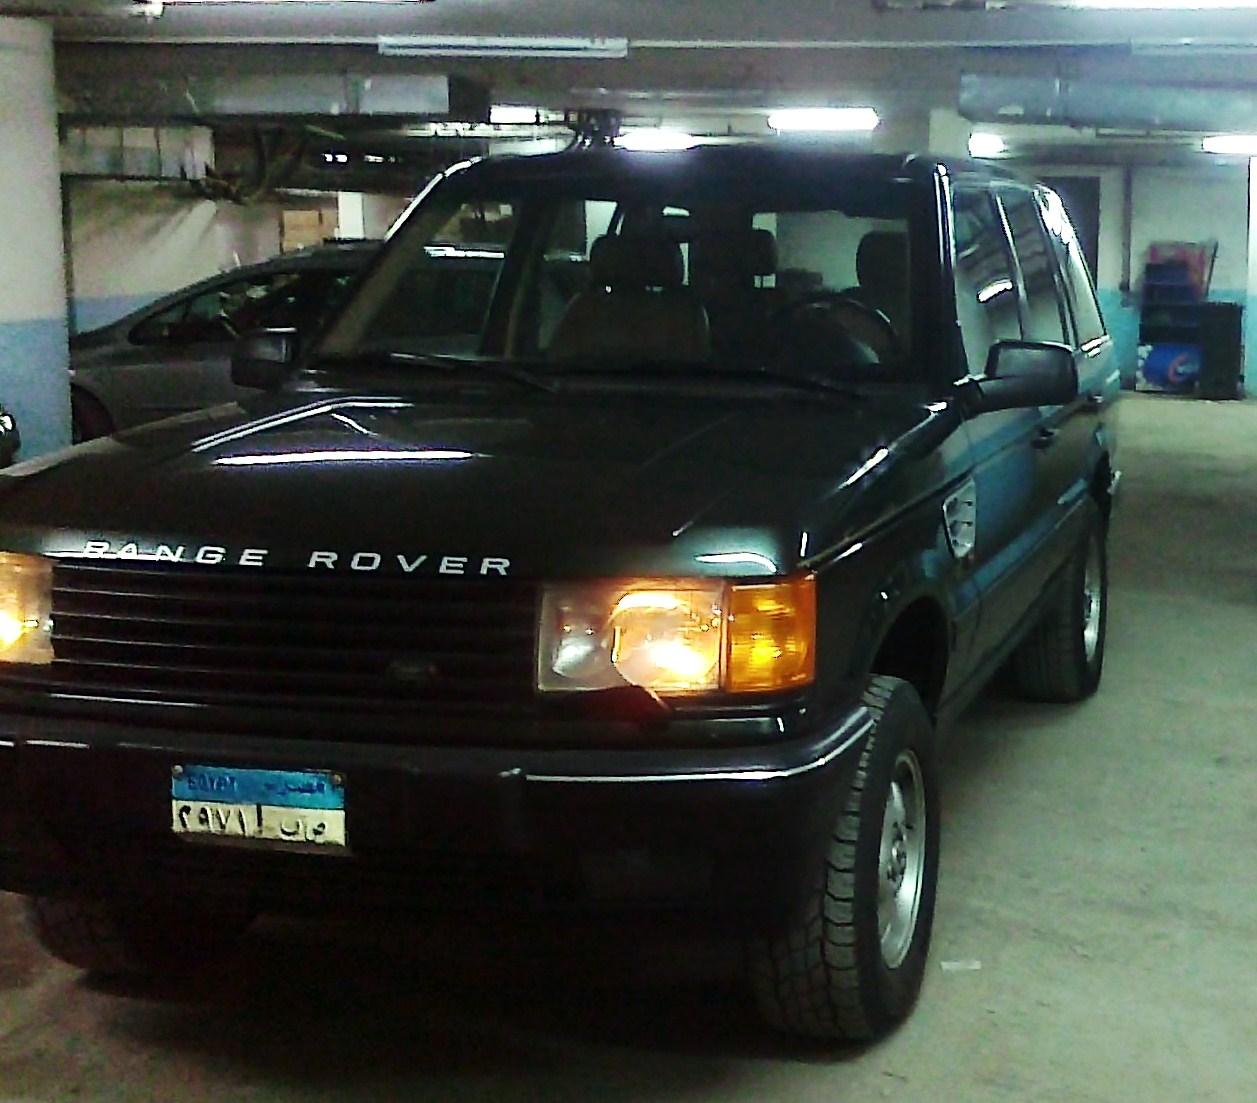 Land Rover 4 Hse: 2000 Land Rover Range Rover